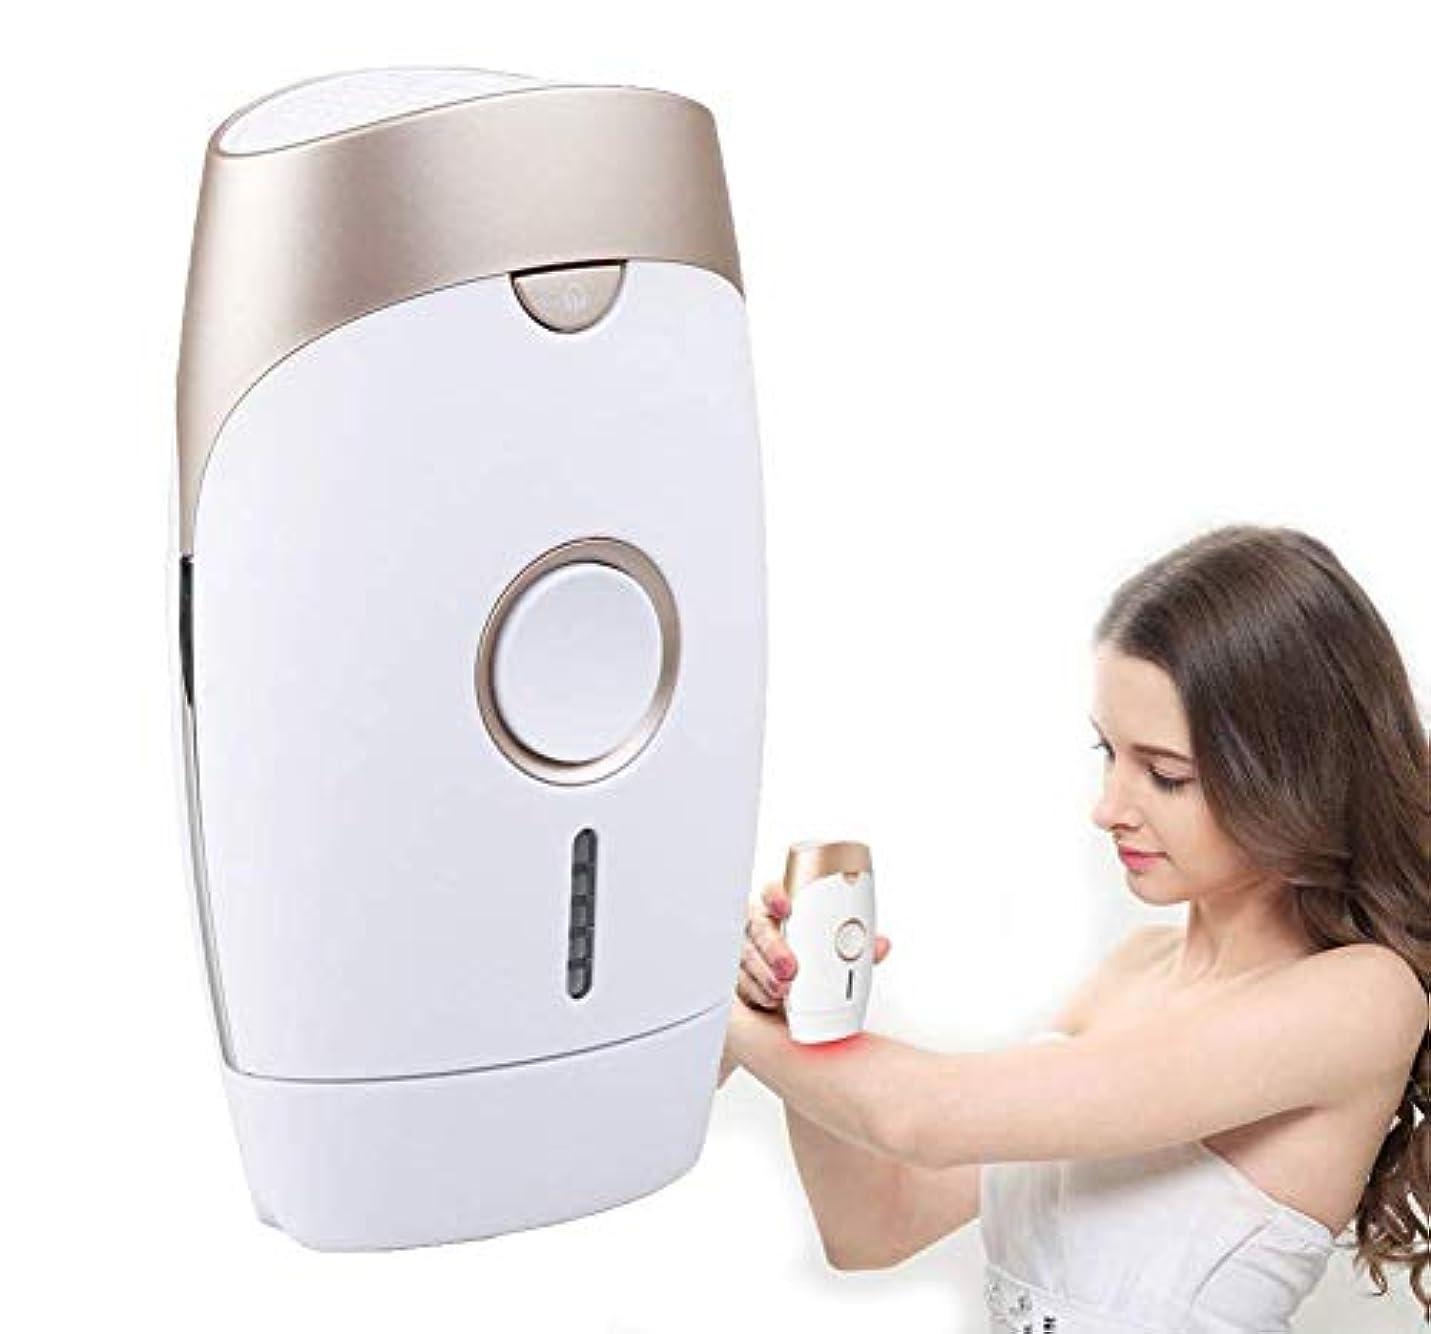 ポップスペシャリストリッチIPL永久脱毛システム、携帯用レーザー痛みのない脱毛器、顔と女性と男性のためのビキニと脇の下のための顔と体の美容機器